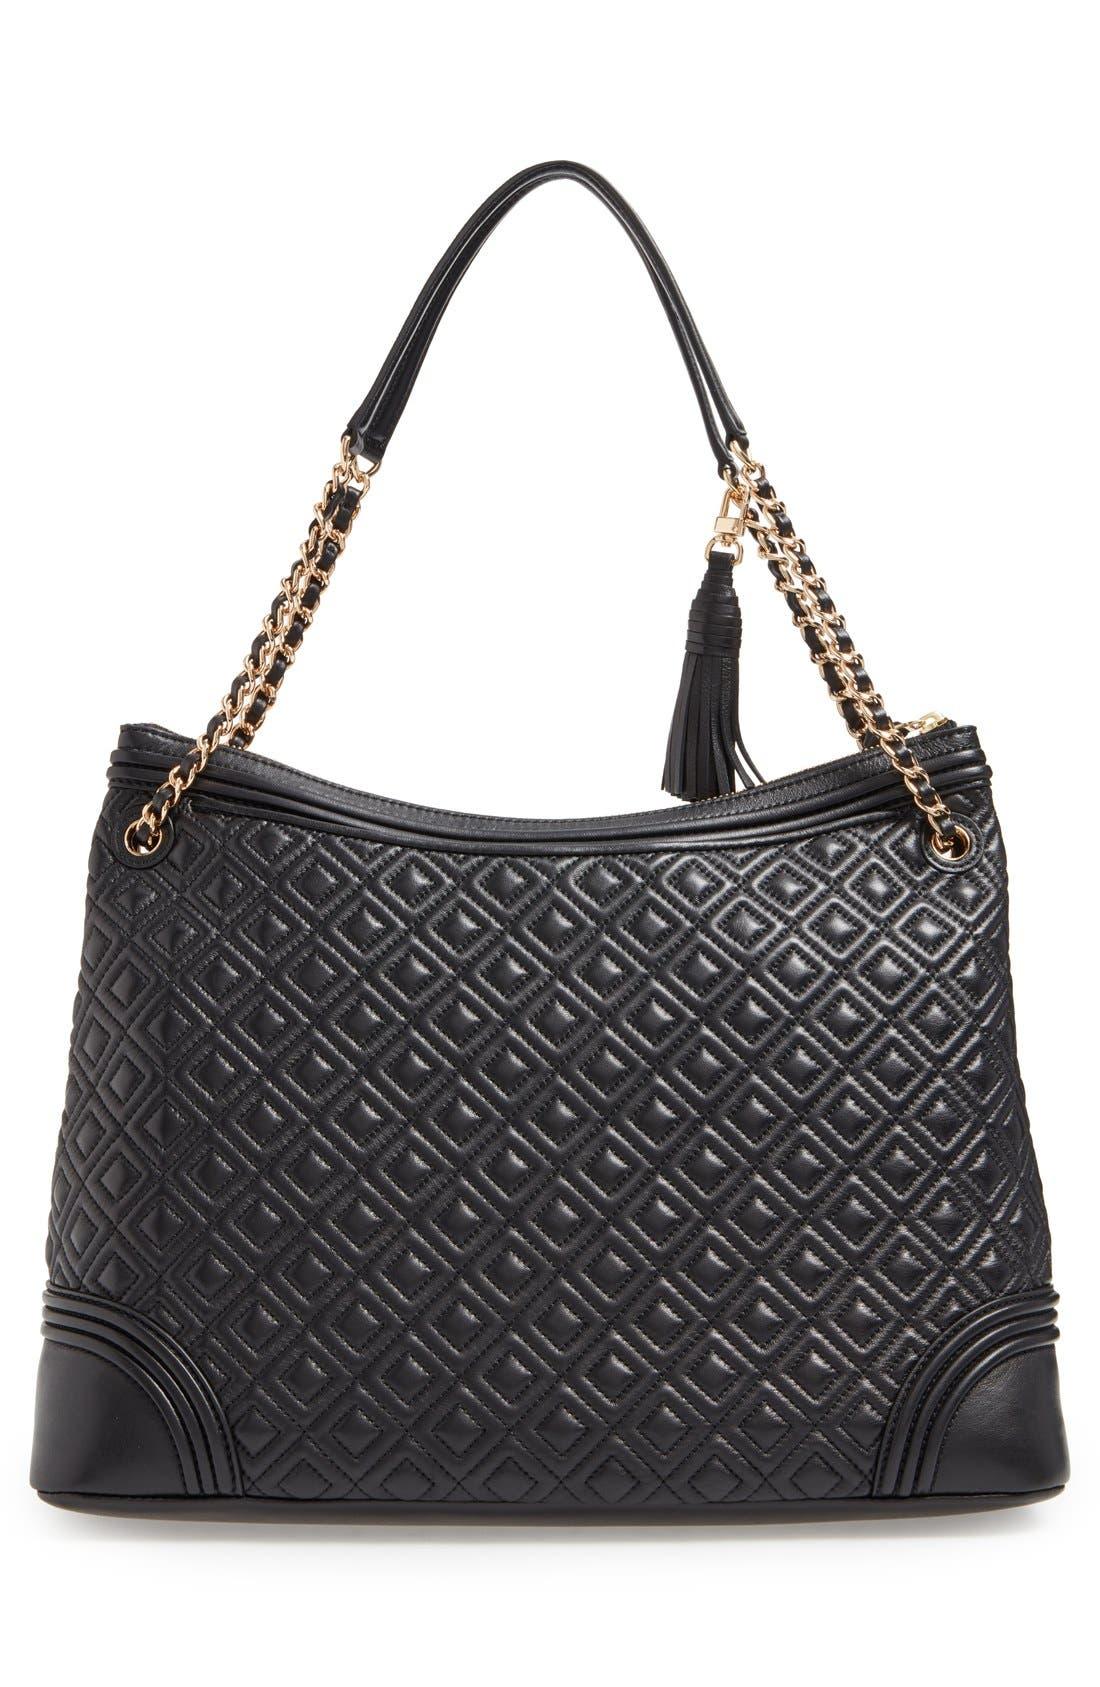 Alternate Image 3  - Tory Burch 'Fleming' Leather Shoulder Bag